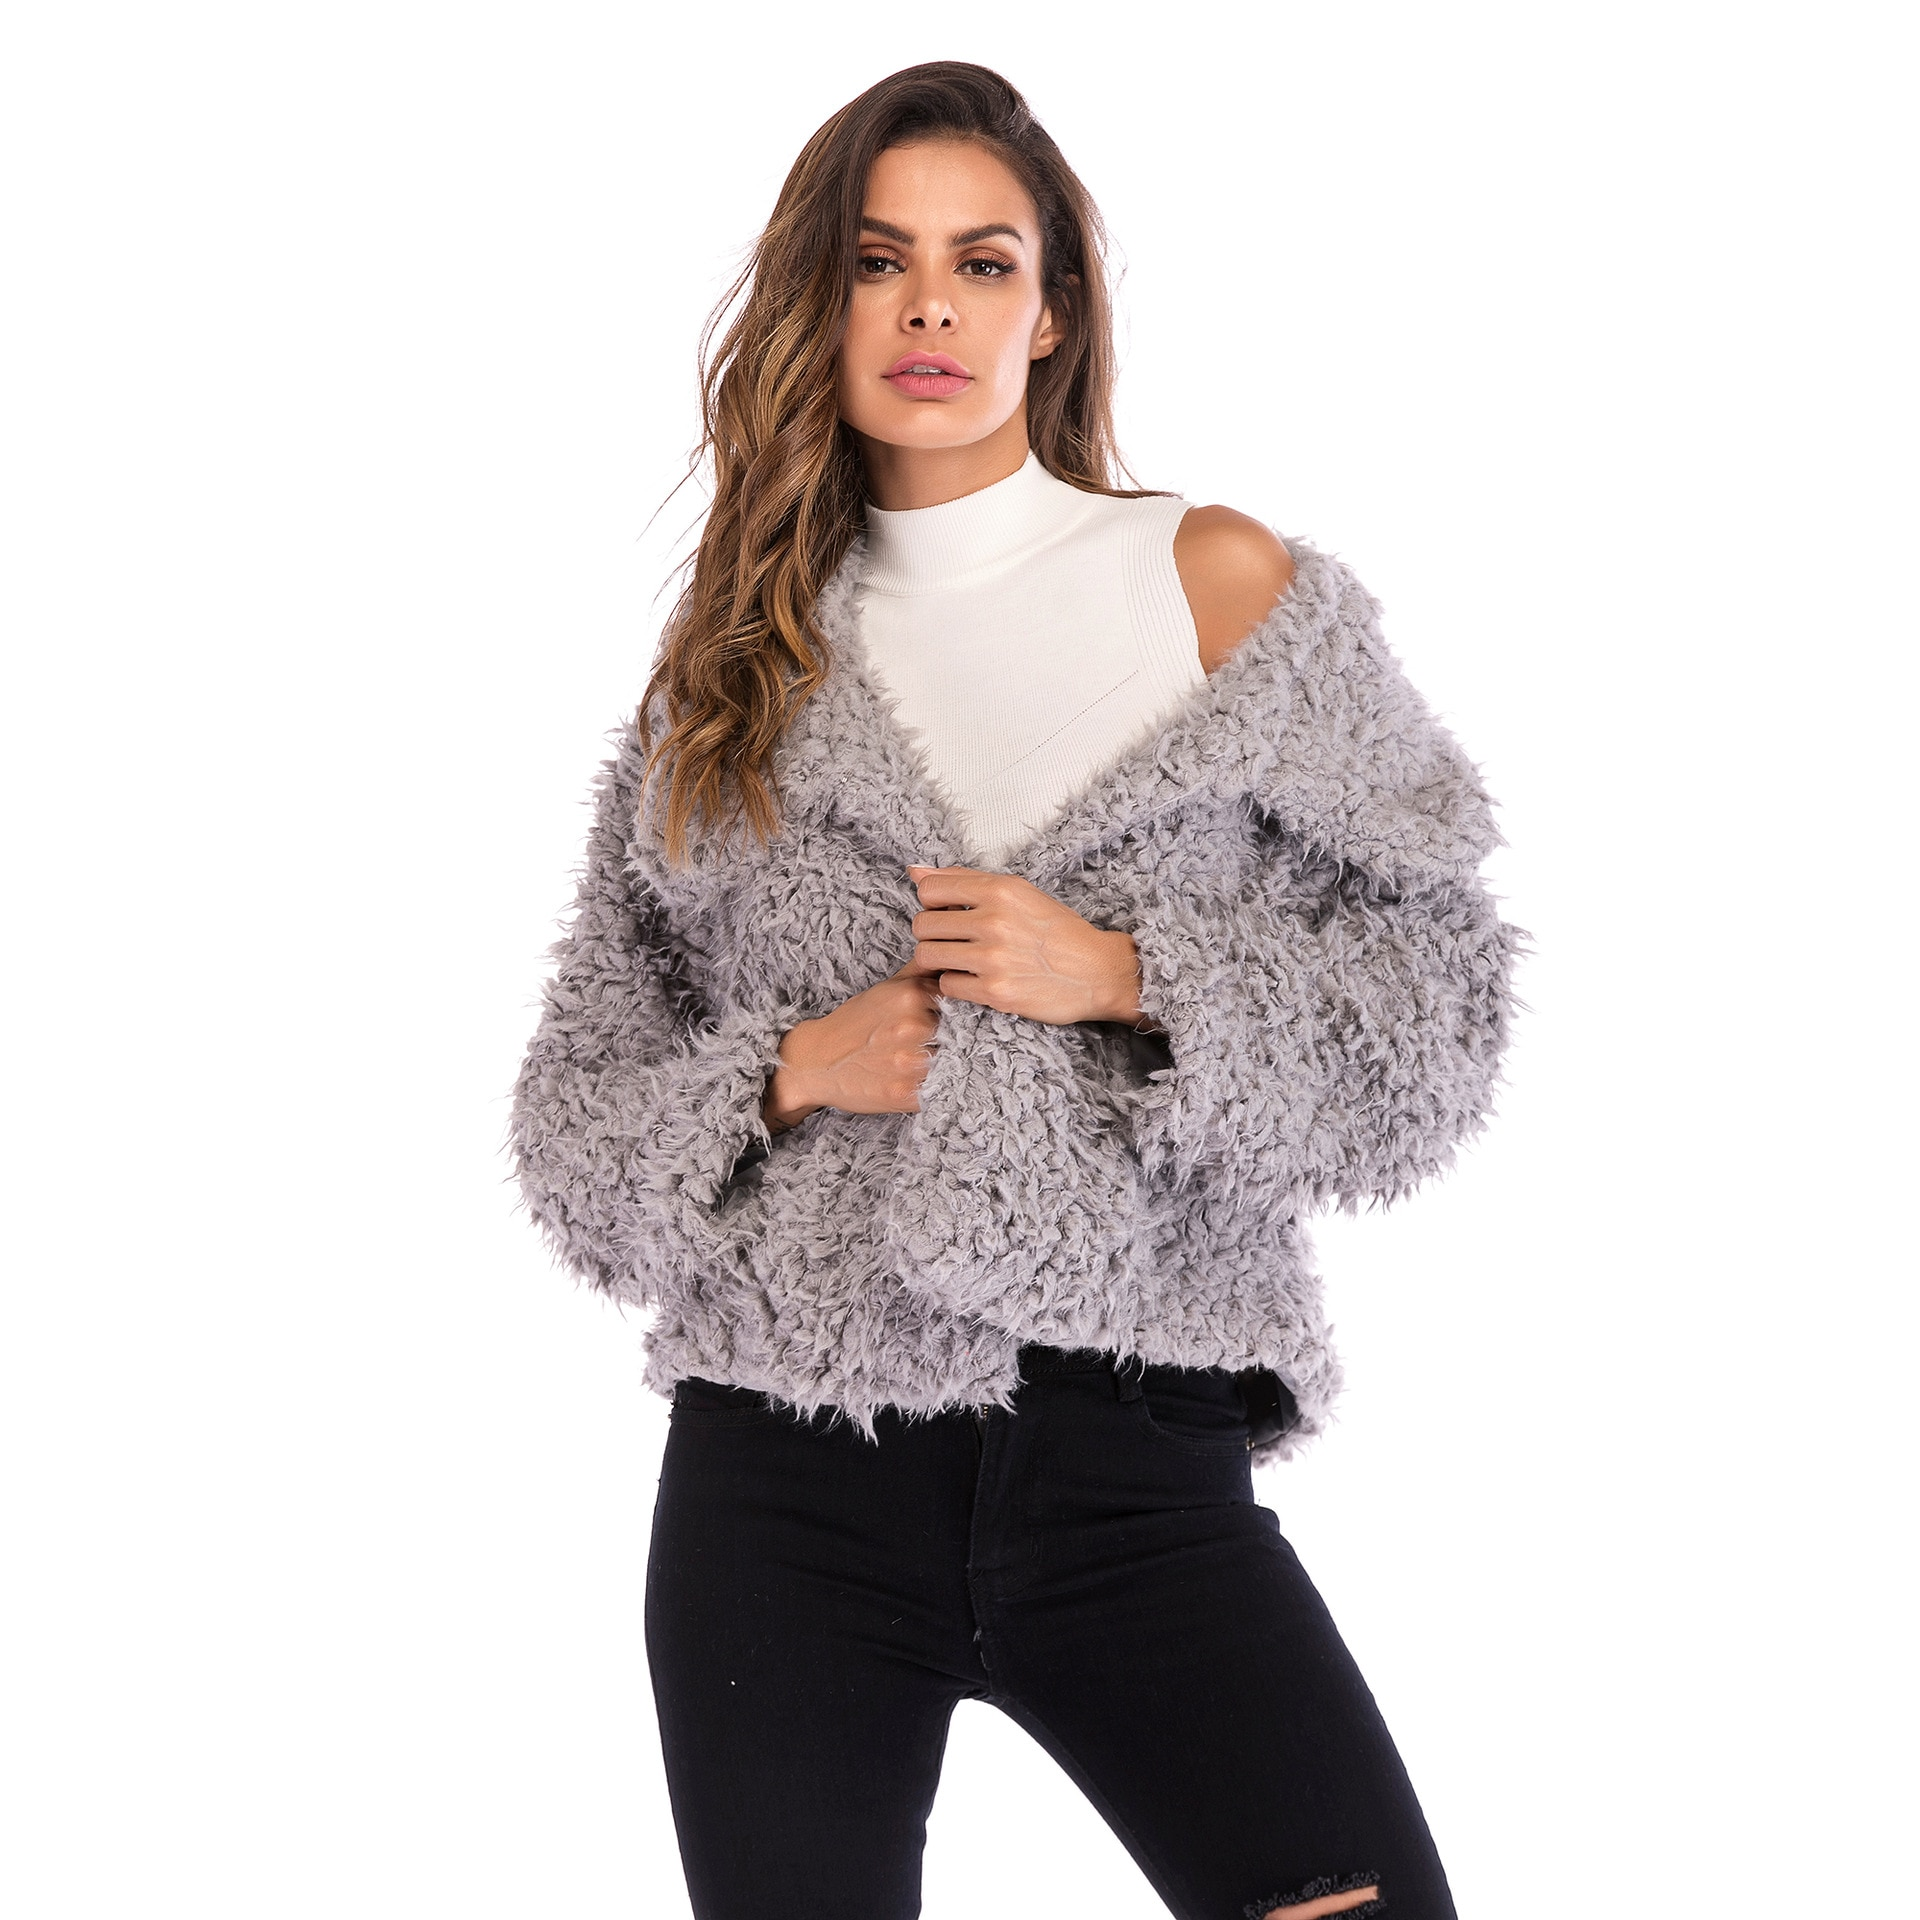 2019 invierno mujer elegante abrigo solapa suelta chaqueta de piel falsa mezcla...